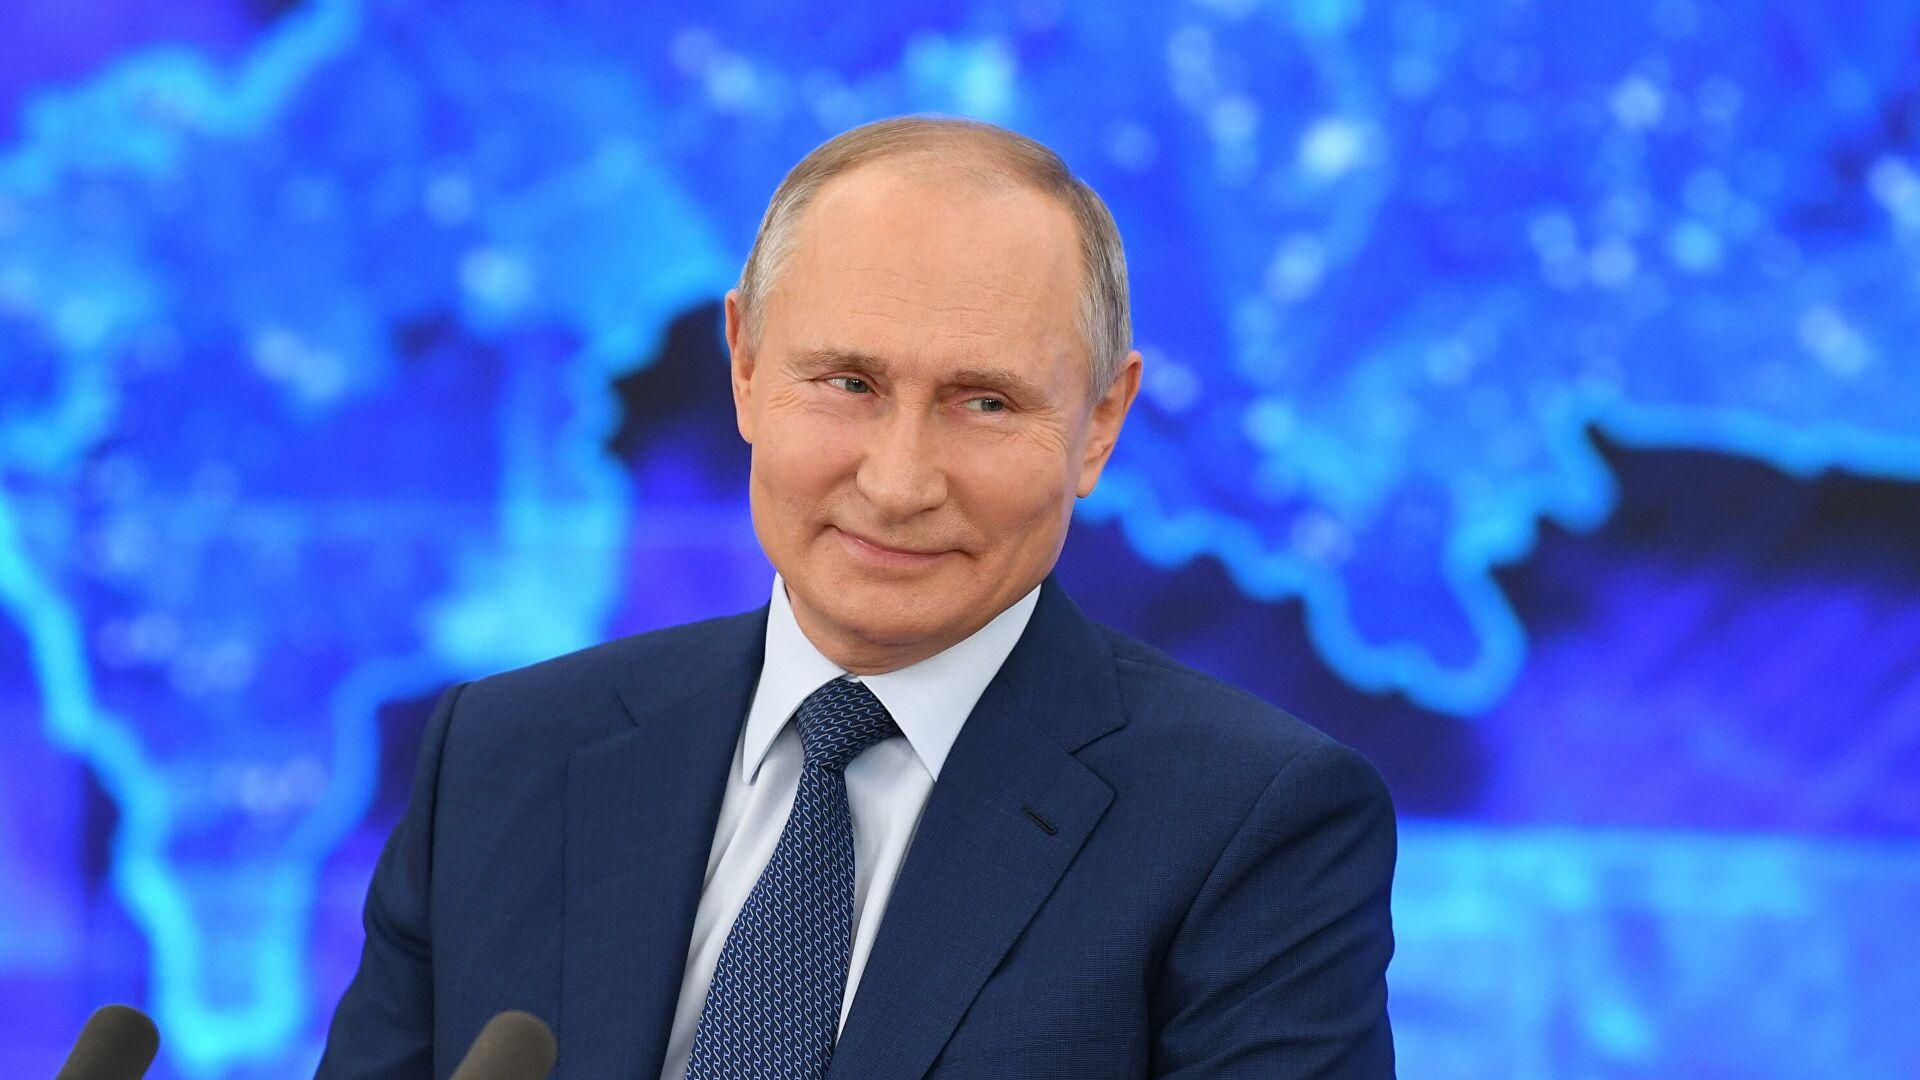 Спортски арбитражни суд у Швајцарској забранио и председнику Путину да присуствује олимпијским и параолимпијским играма